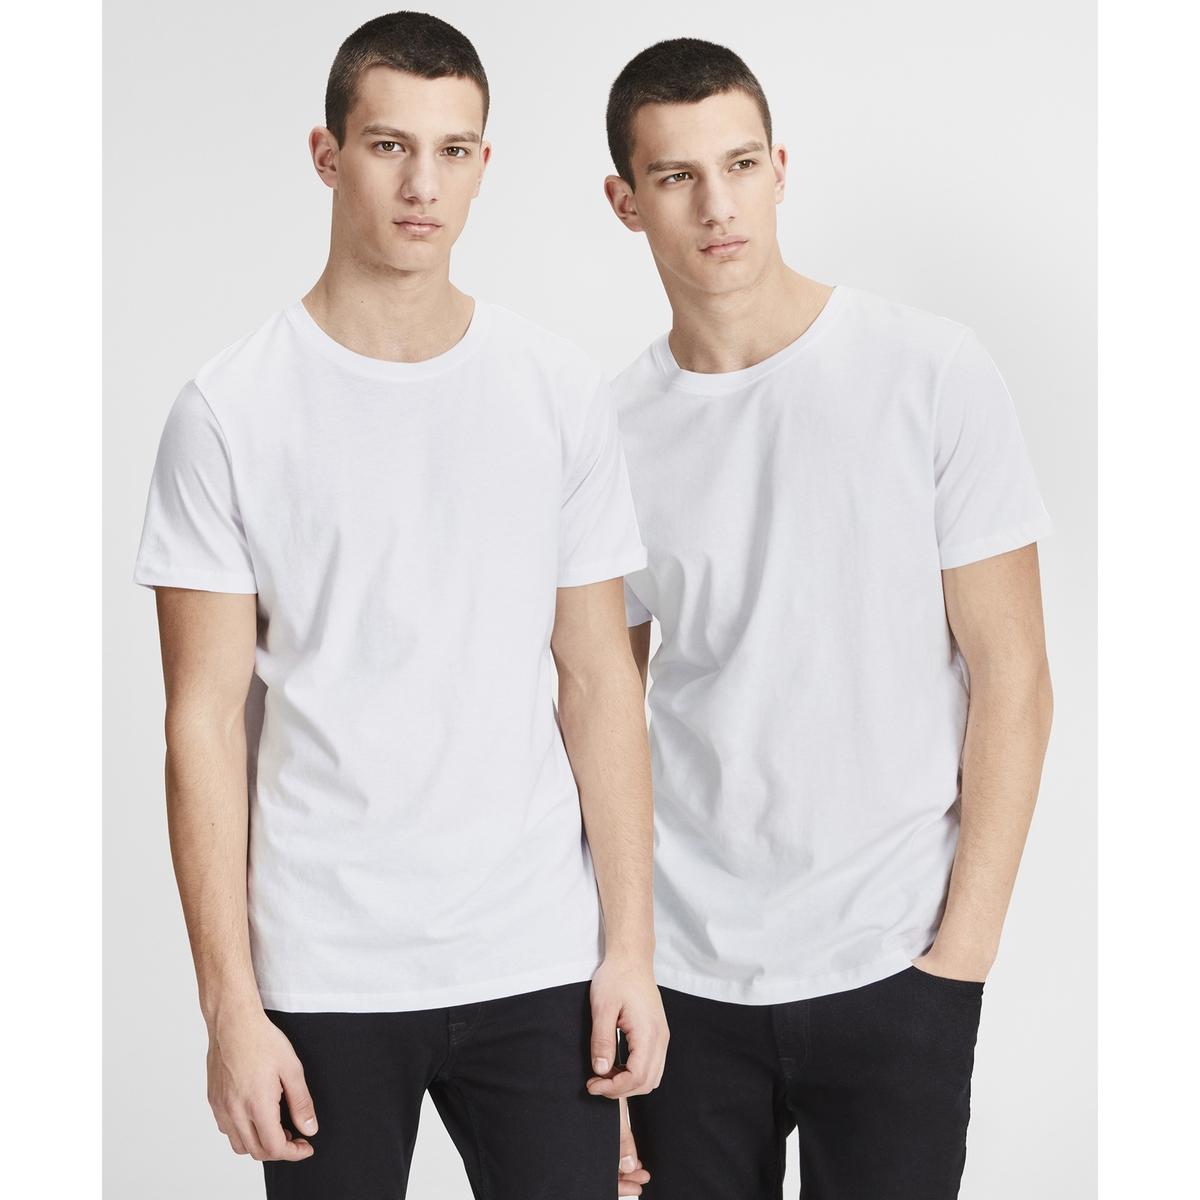 2 футболки с круглым вырезом и короткими рукавами мужская мода летние цветные печатные футболки с короткими рукавами пуловеры